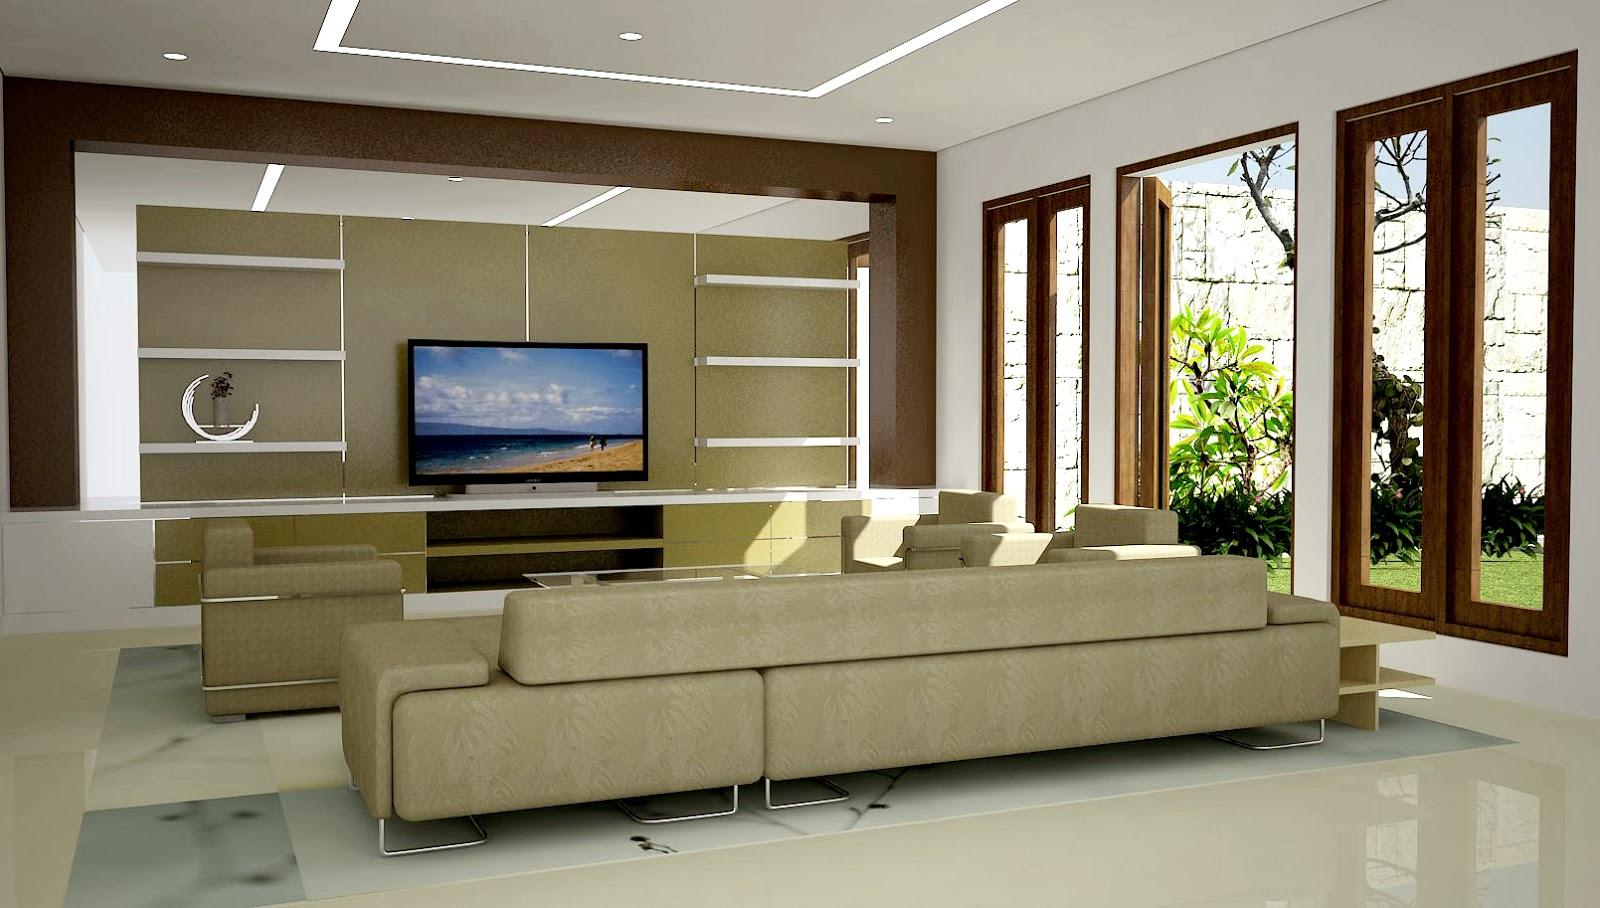 Desain interior rumah minimalis modern lega for Design interior modern minimalis